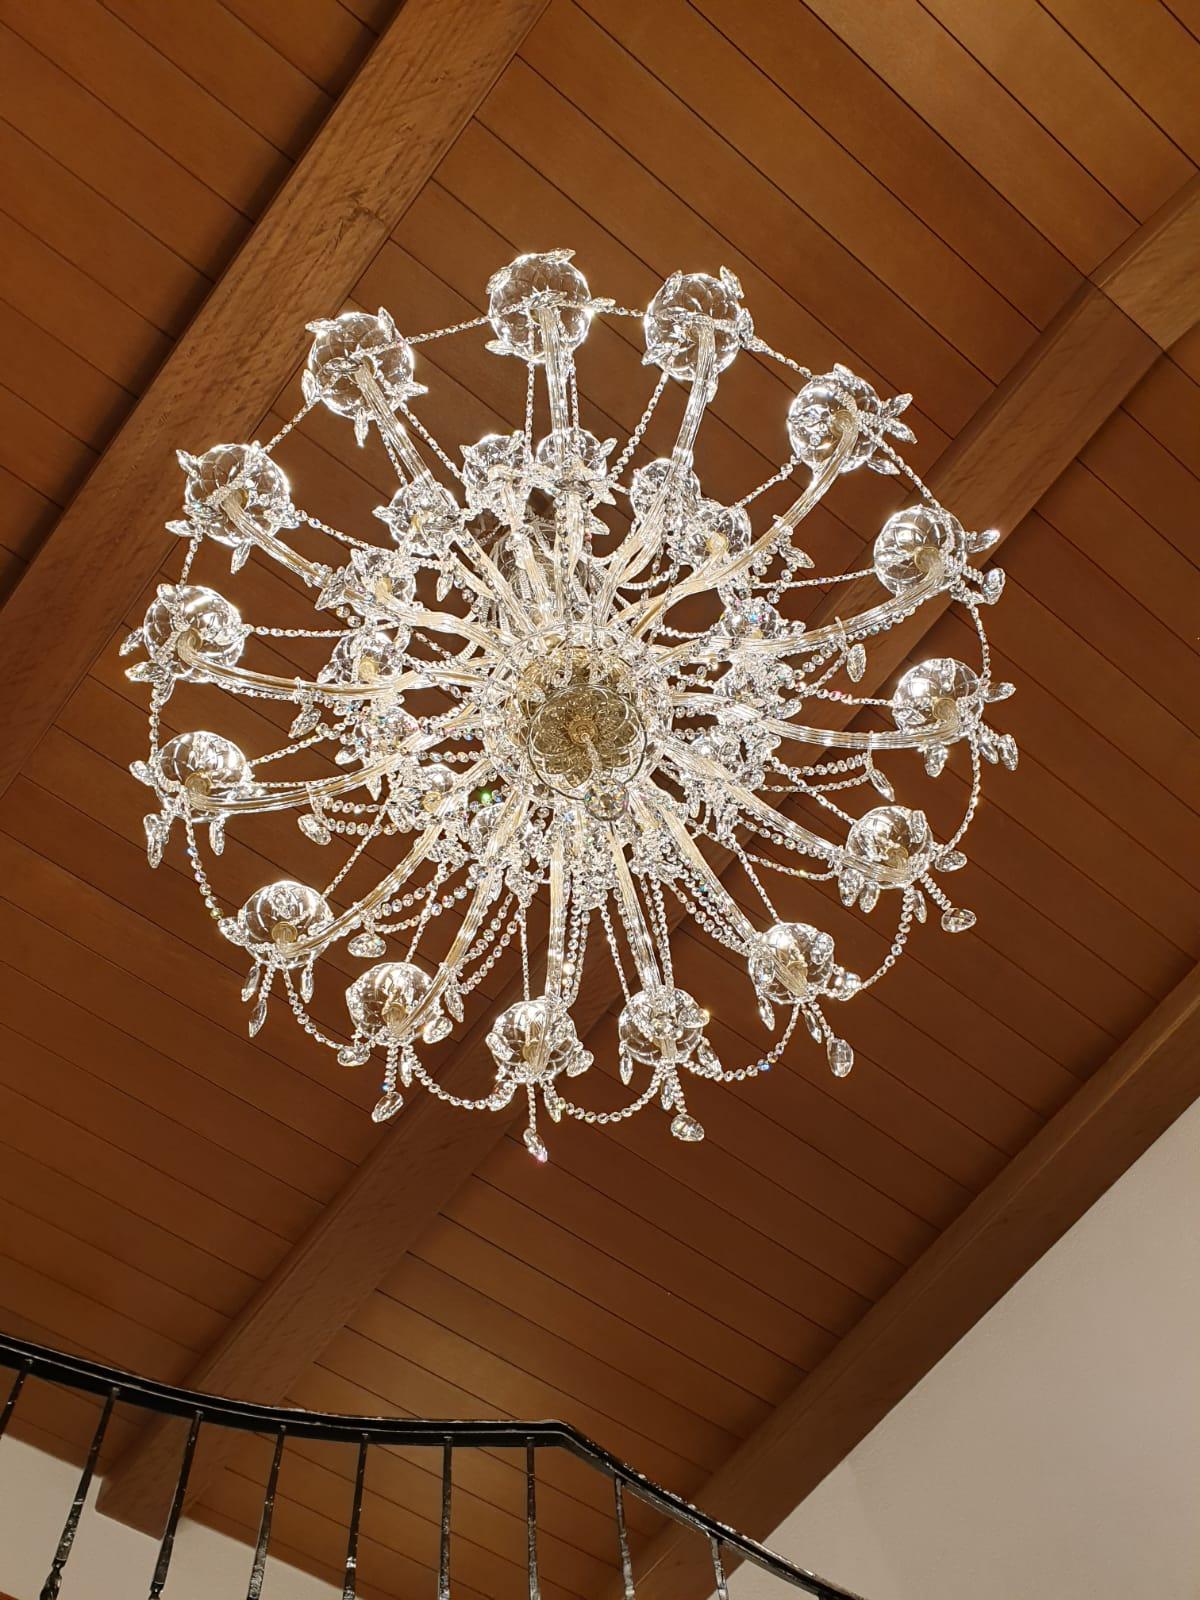 private-house-germany-princess-crystal-chandelier-wranovsky-3.jpg